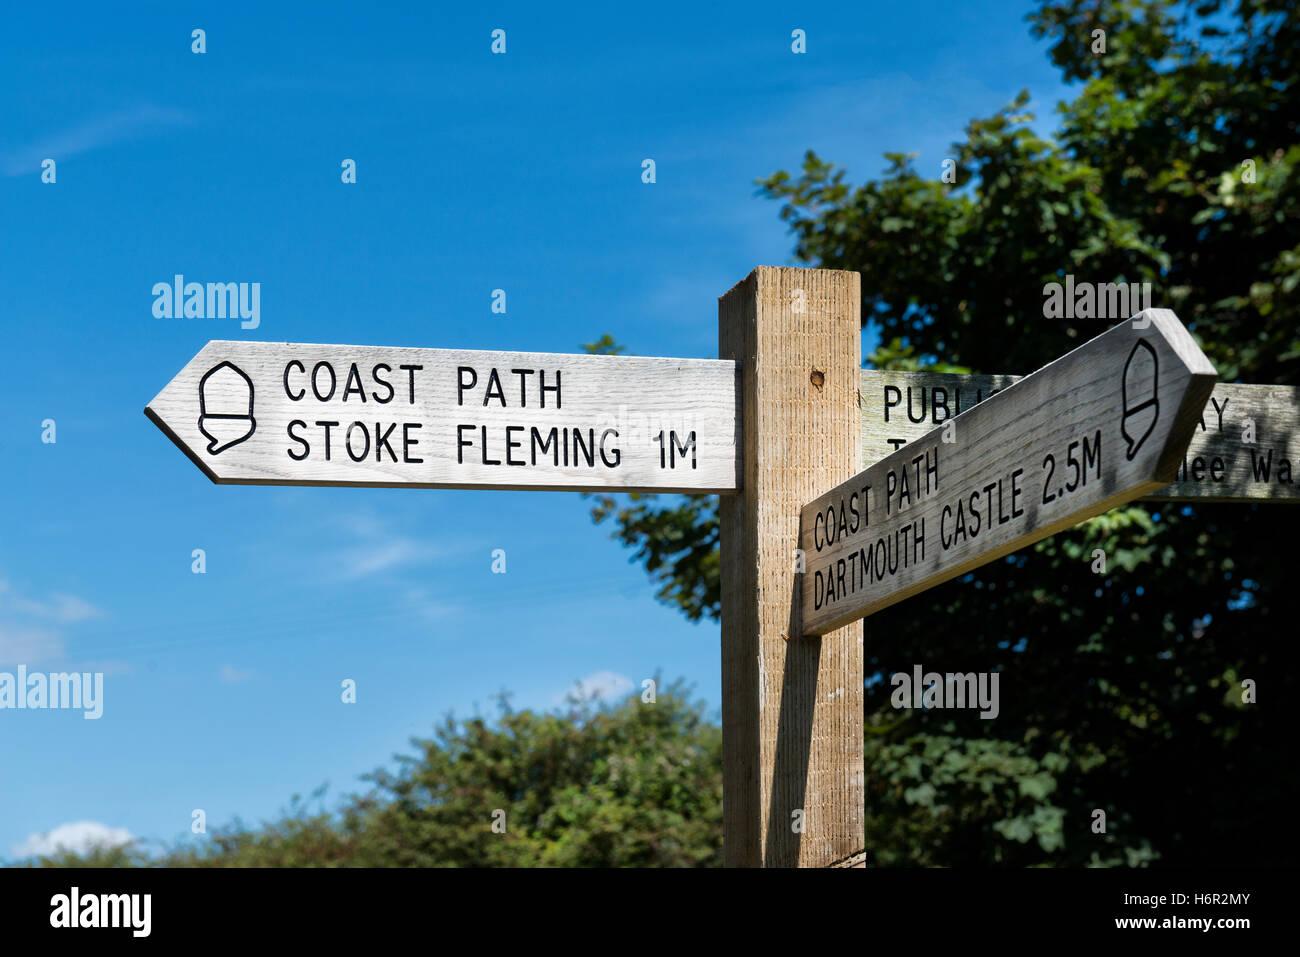 Landschaft Holz- finger Post zeigen Coast Path, stoke Fleming und Dartmouth Castle gegen Bäume und einem klaren Stockbild